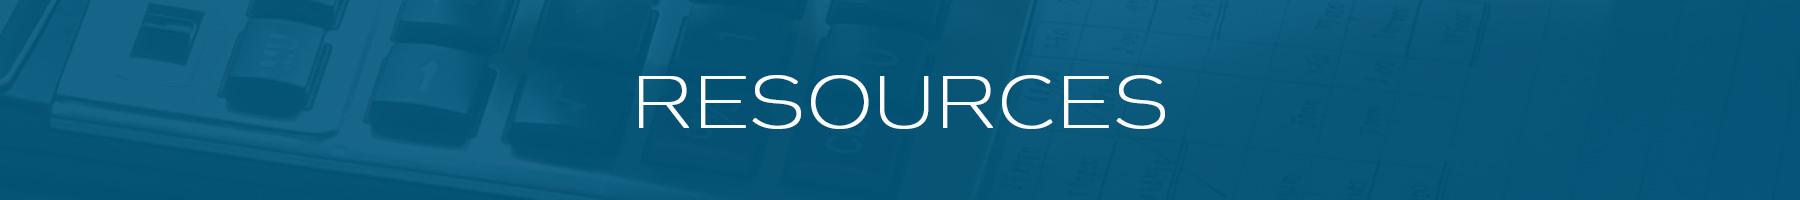 headers_resources.jpg